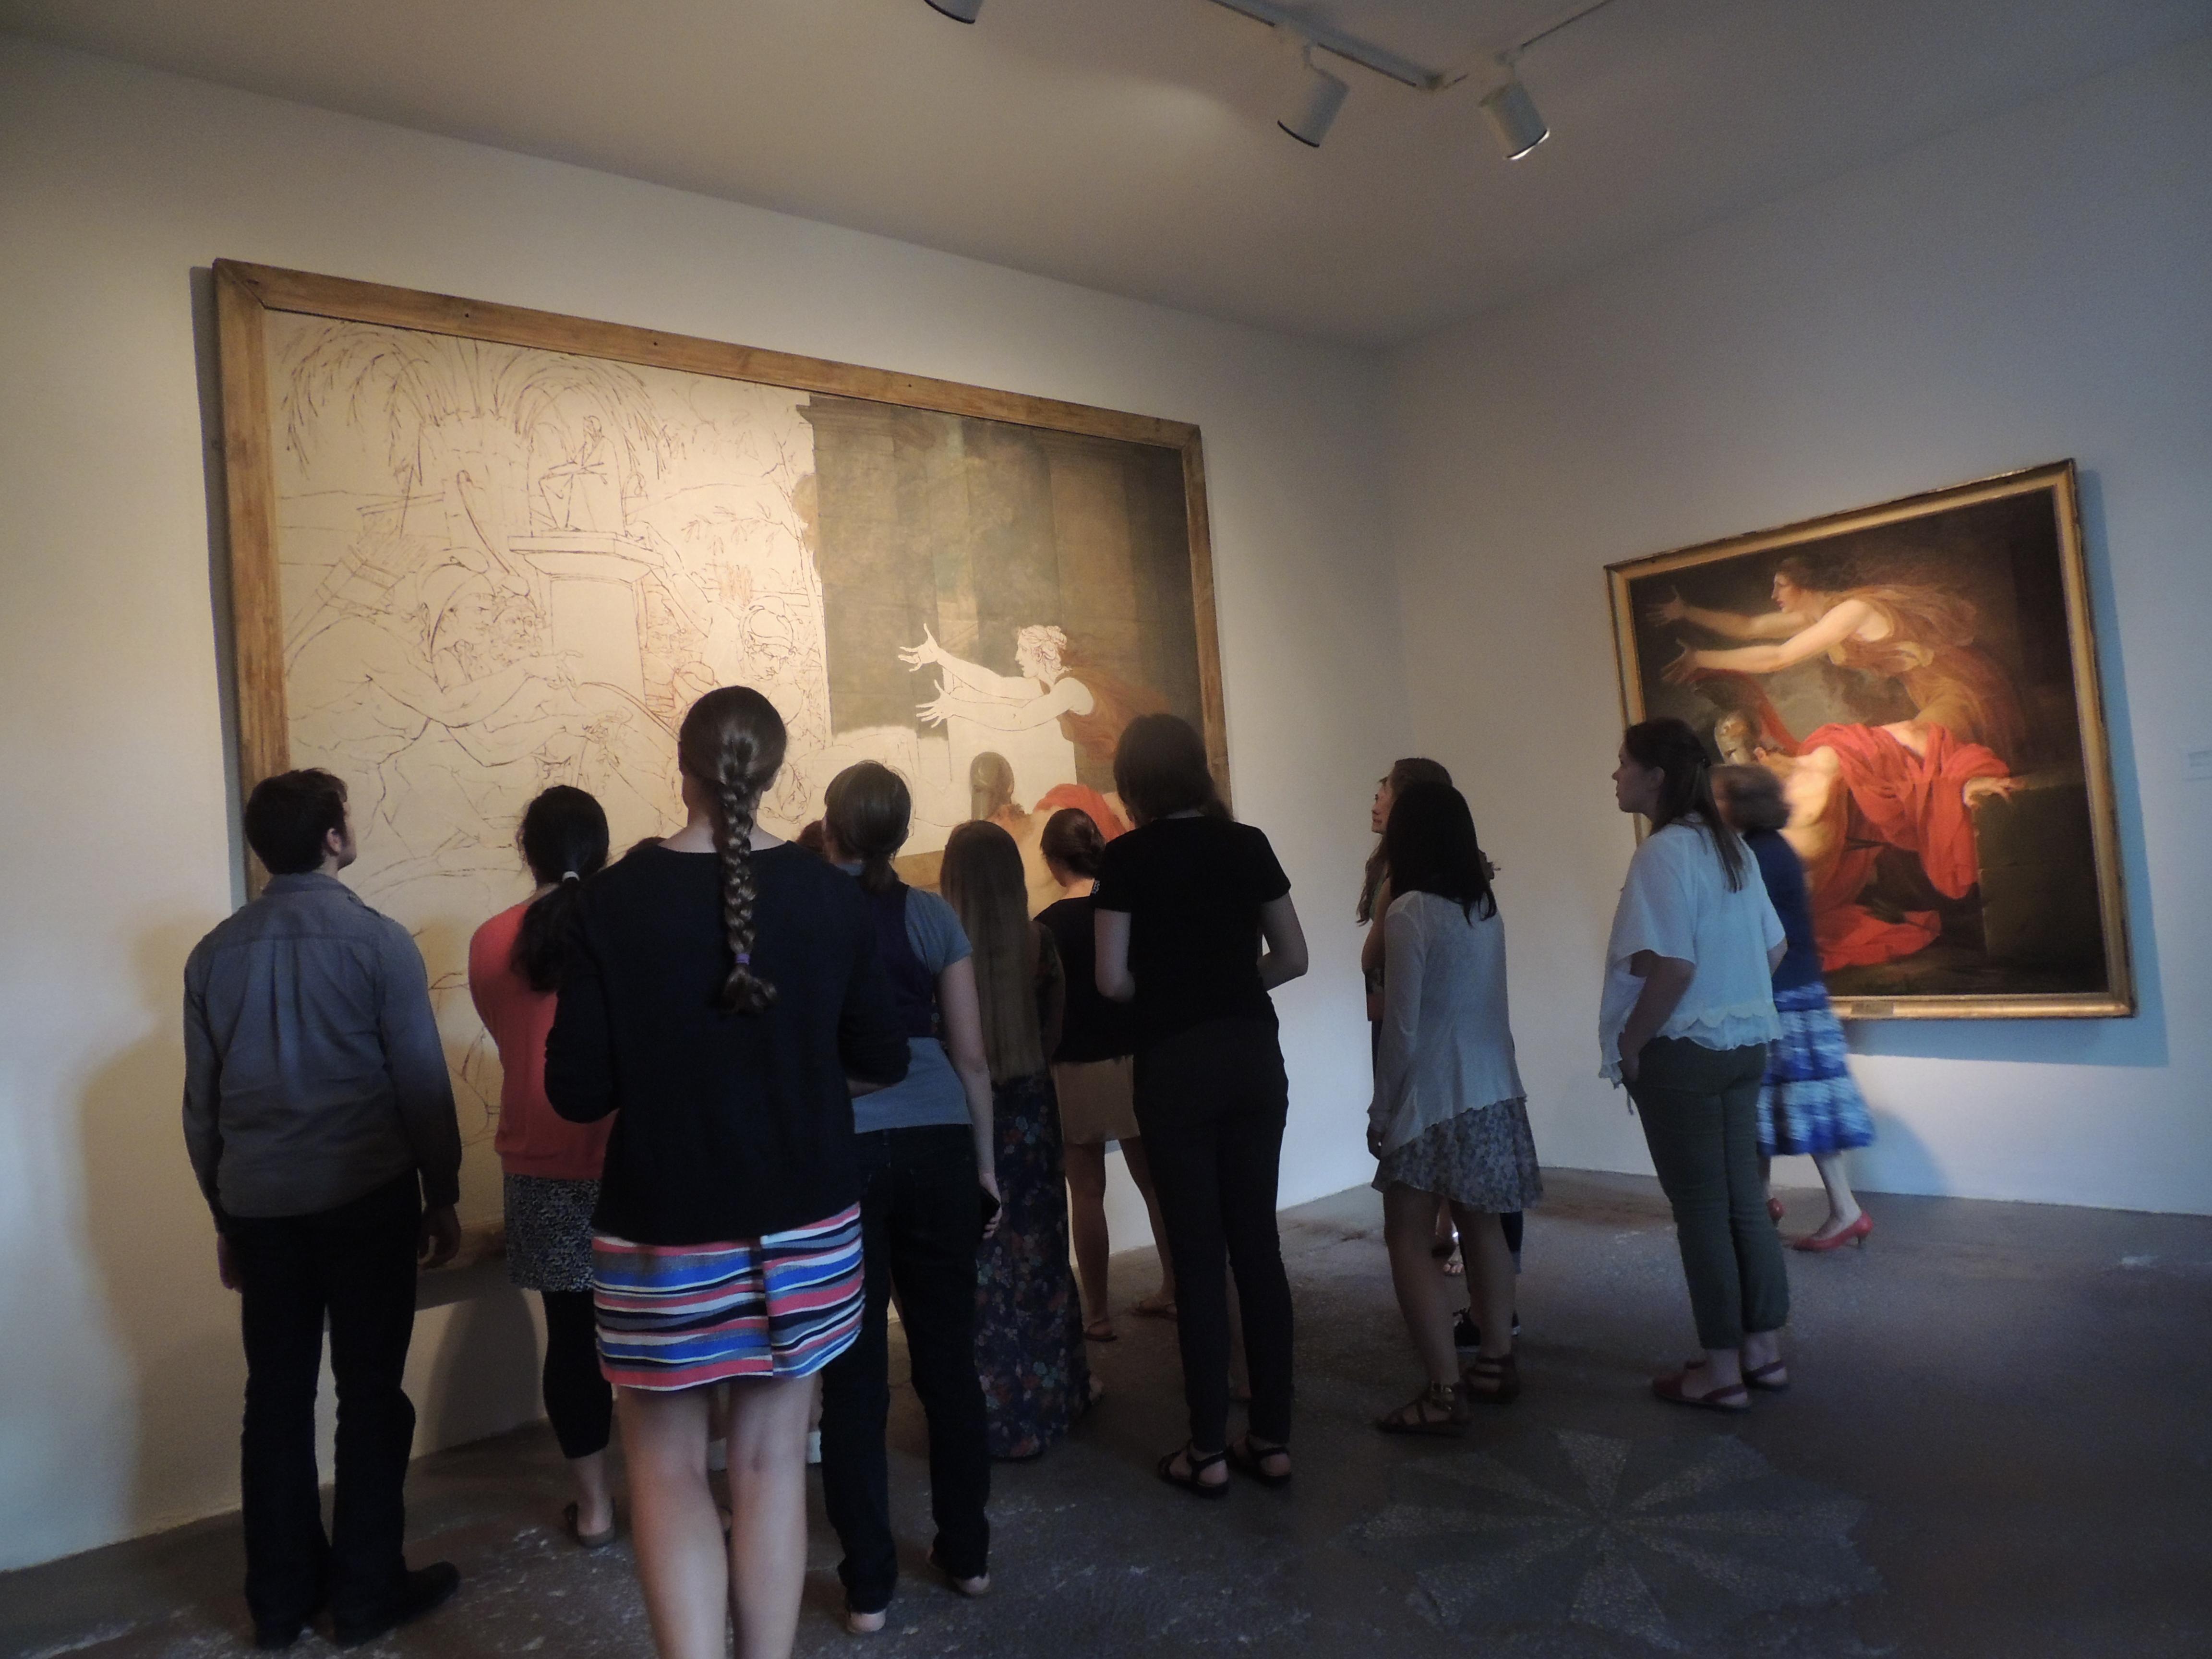 Durant tout l'été le musée Réattu organise des visites pour découvrir ou redécouvrir ce bijou du patrimoine arlésien : visite thématique en famille et parcours dans les collections.